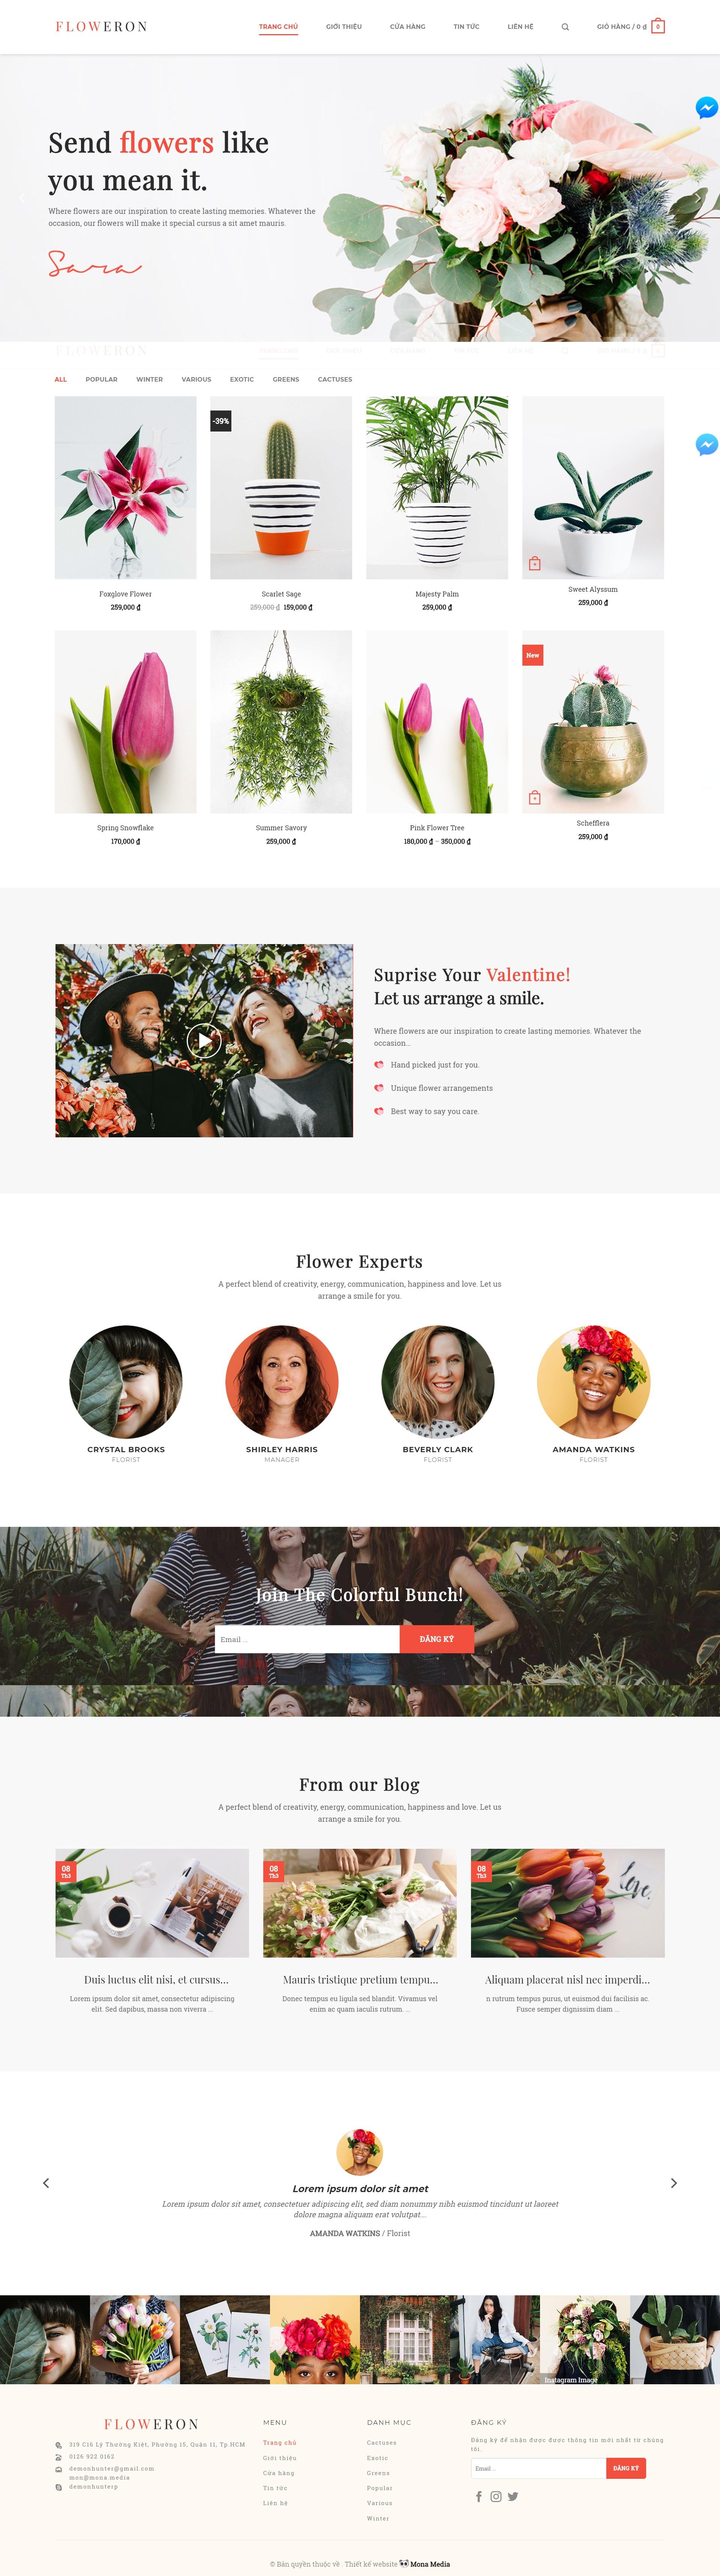 Mẫu website bán hoa cây cảnh giống Fiorello